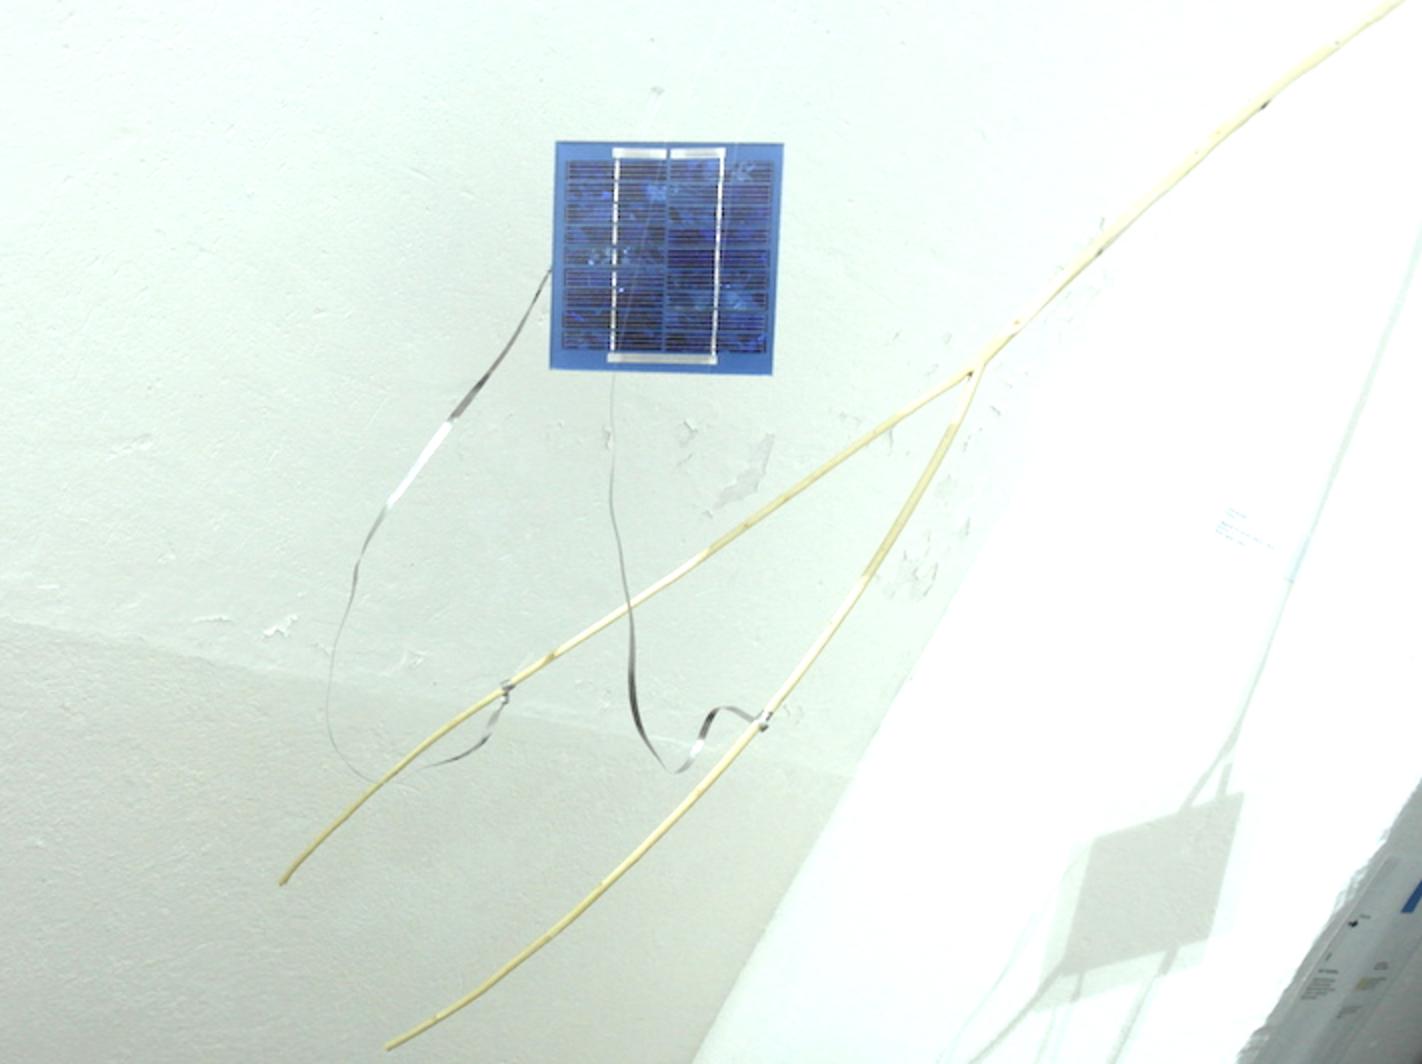 Bâton de sourcier / bois, cellule photovoltaïque Erik Samakh